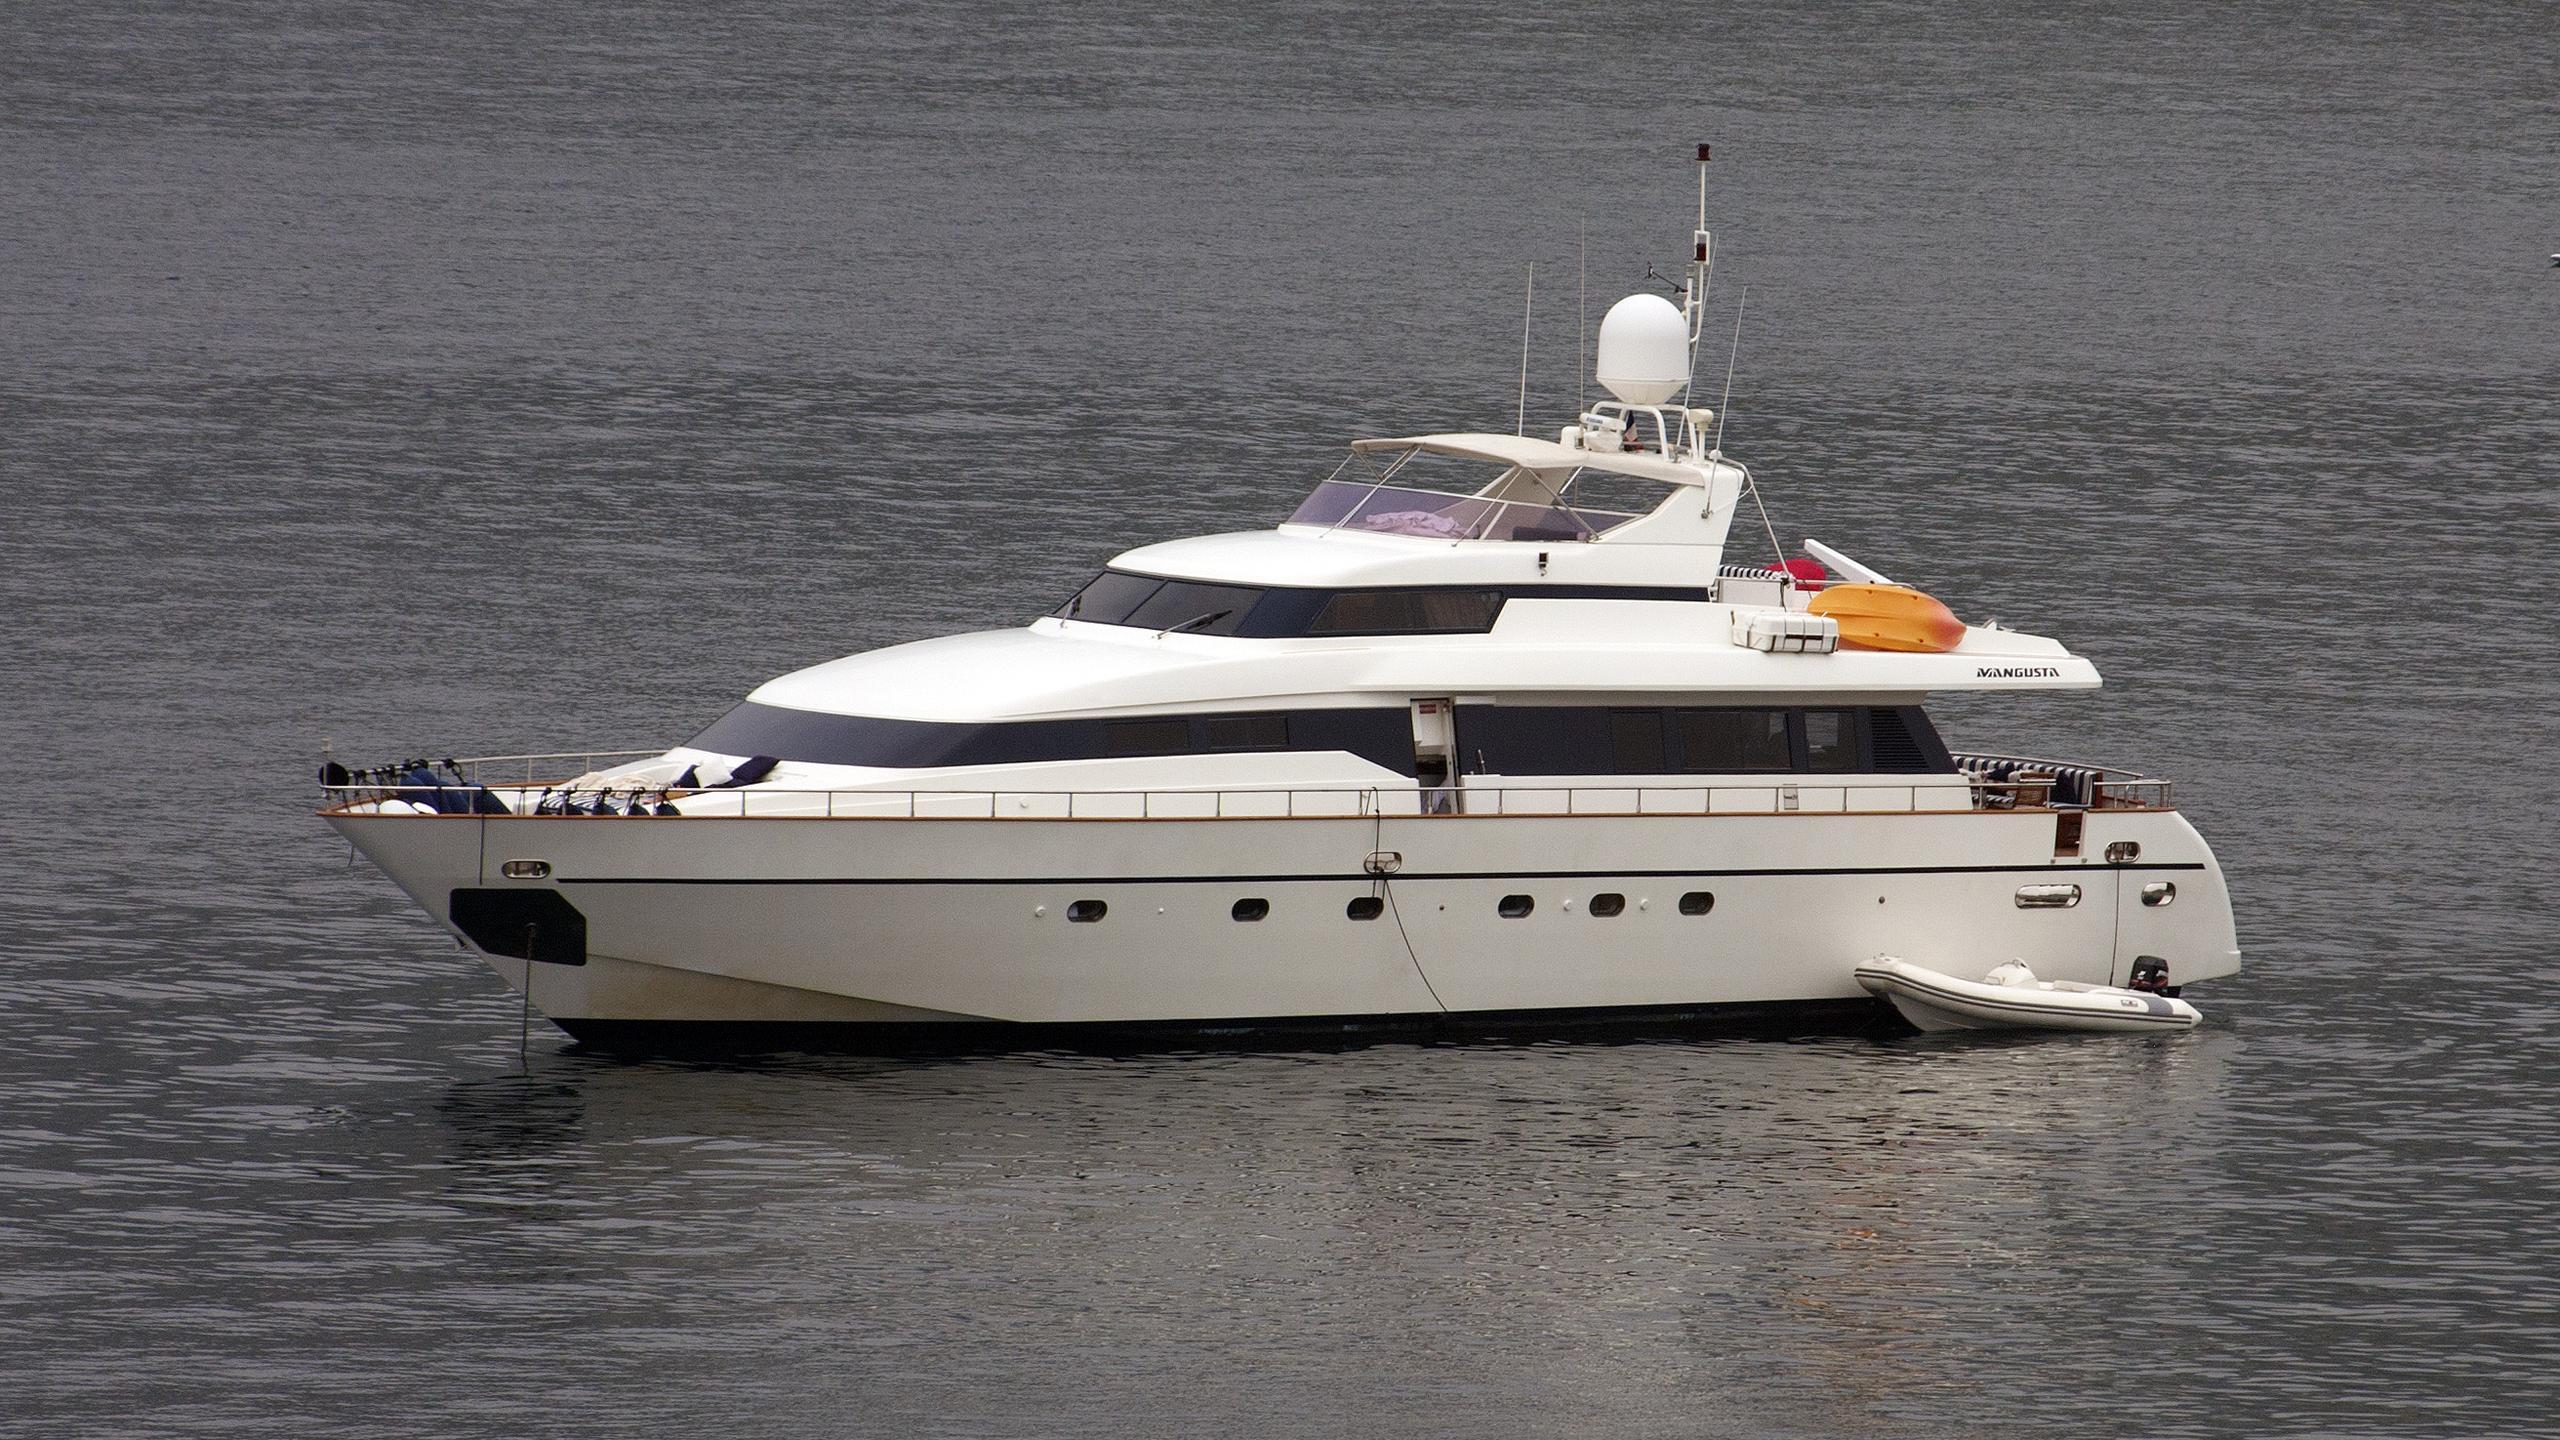 indulgence-of-poole-yacht-exterior